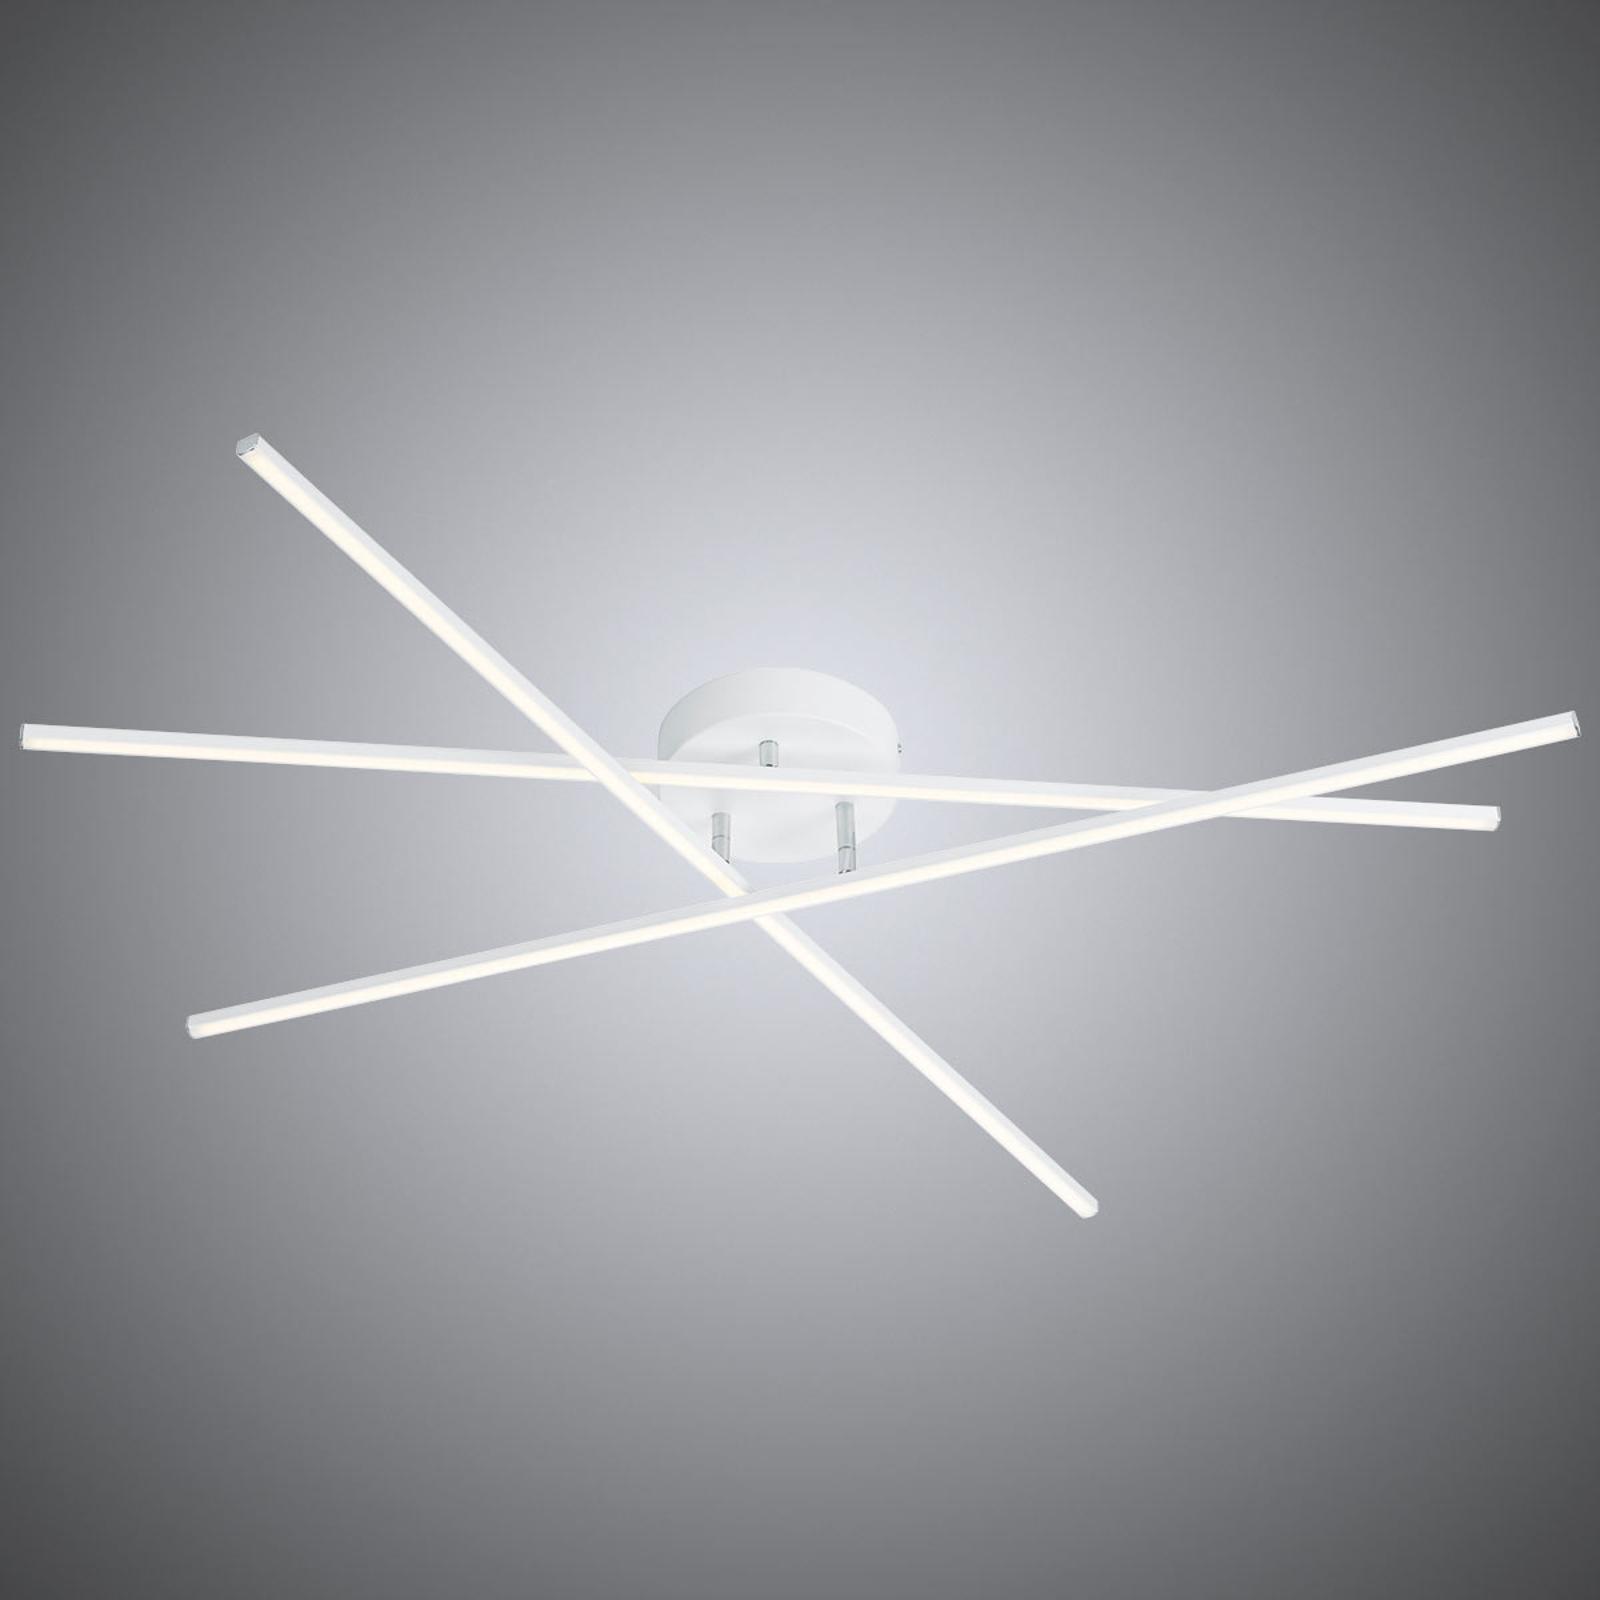 Weiße LED-Deckenlampe Tiriac, Switchdim-Funktion